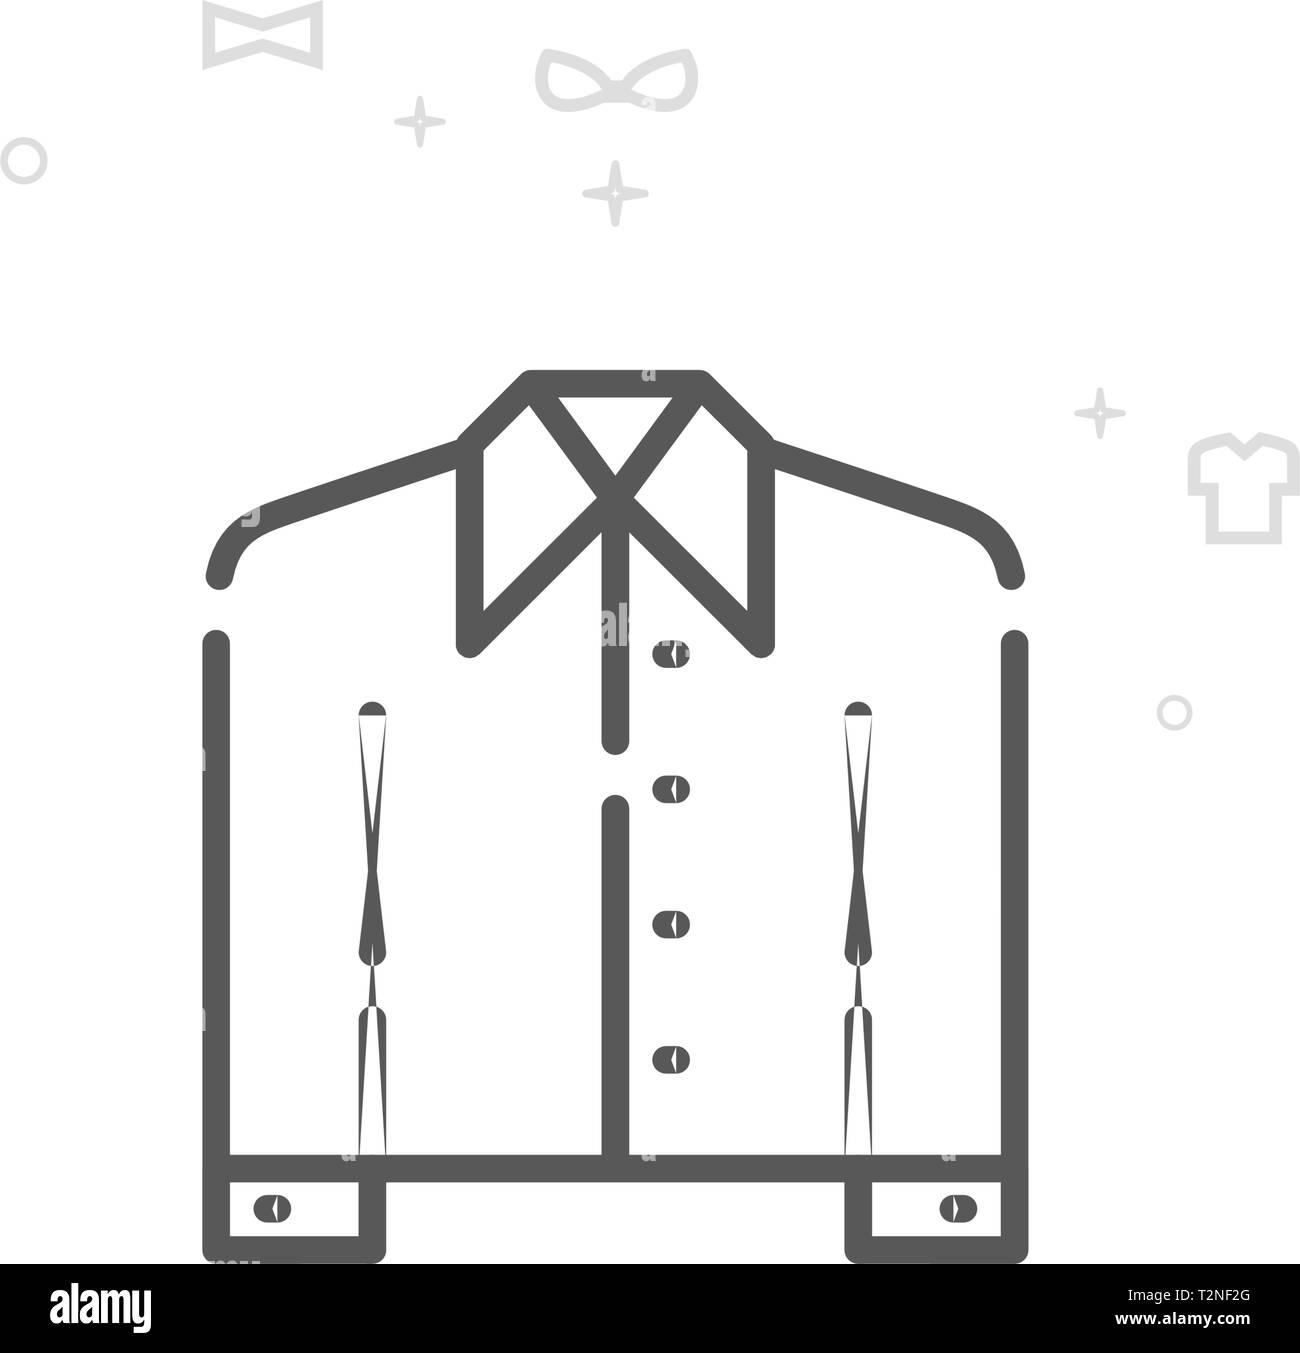 841e699f34 Camiseta uniforme con un collar línea vector icono. Las prendas de ropa